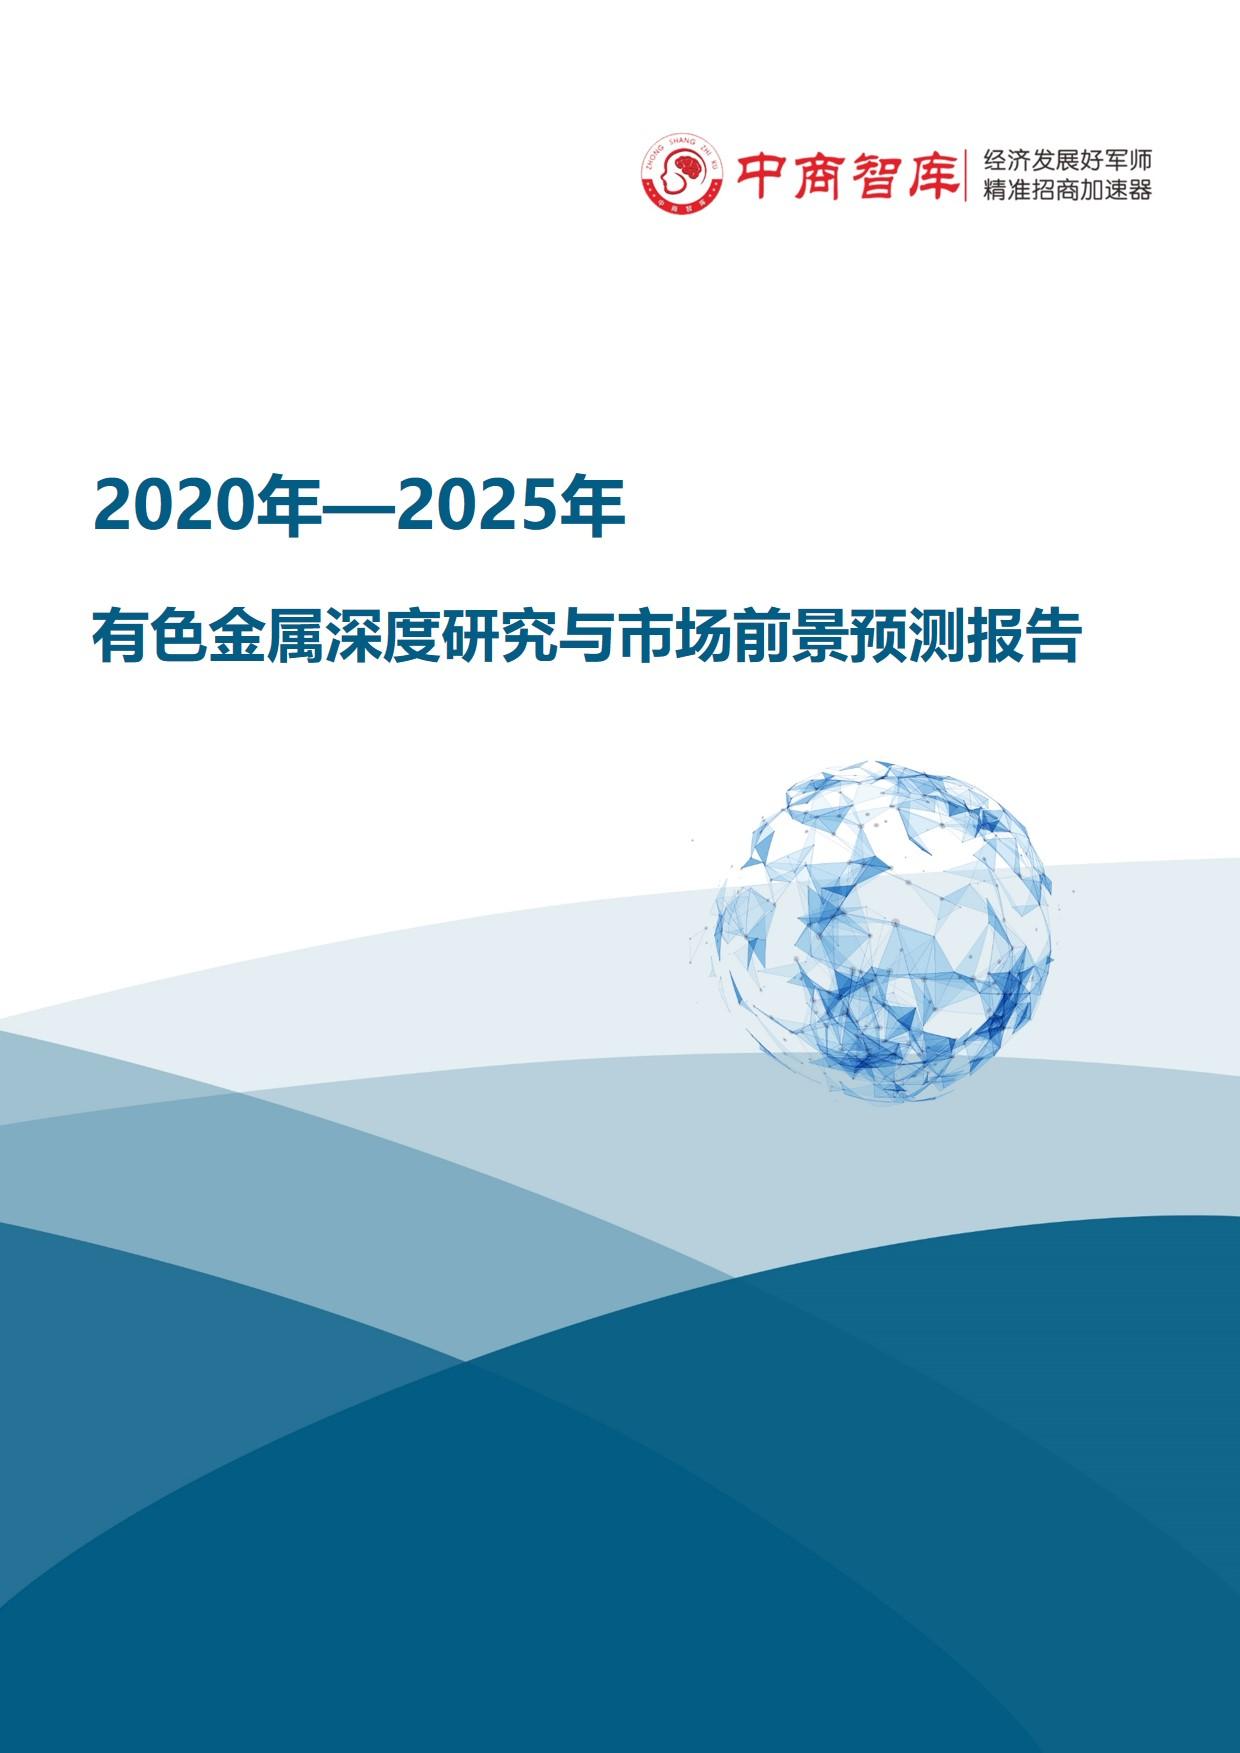 《2020-2025年有色金属行业深度研究与市场前景预测报告》